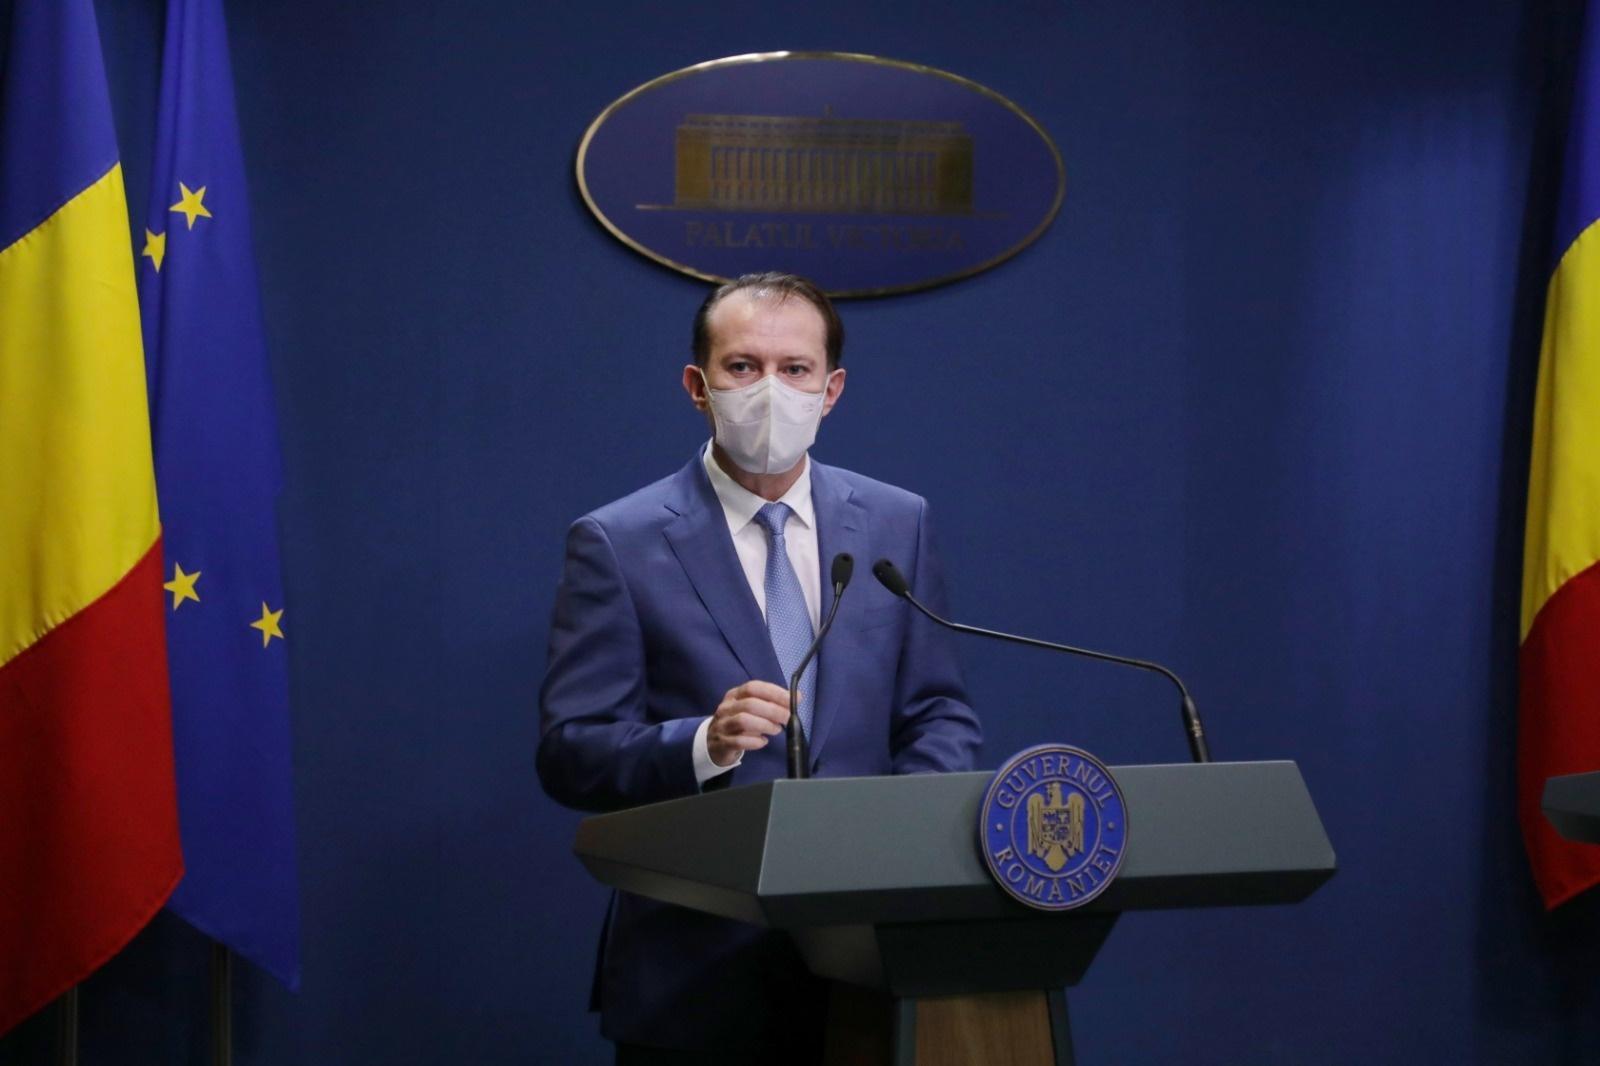 Guvernul a aprobat prelungirea stării de alertă cu 30 de zile